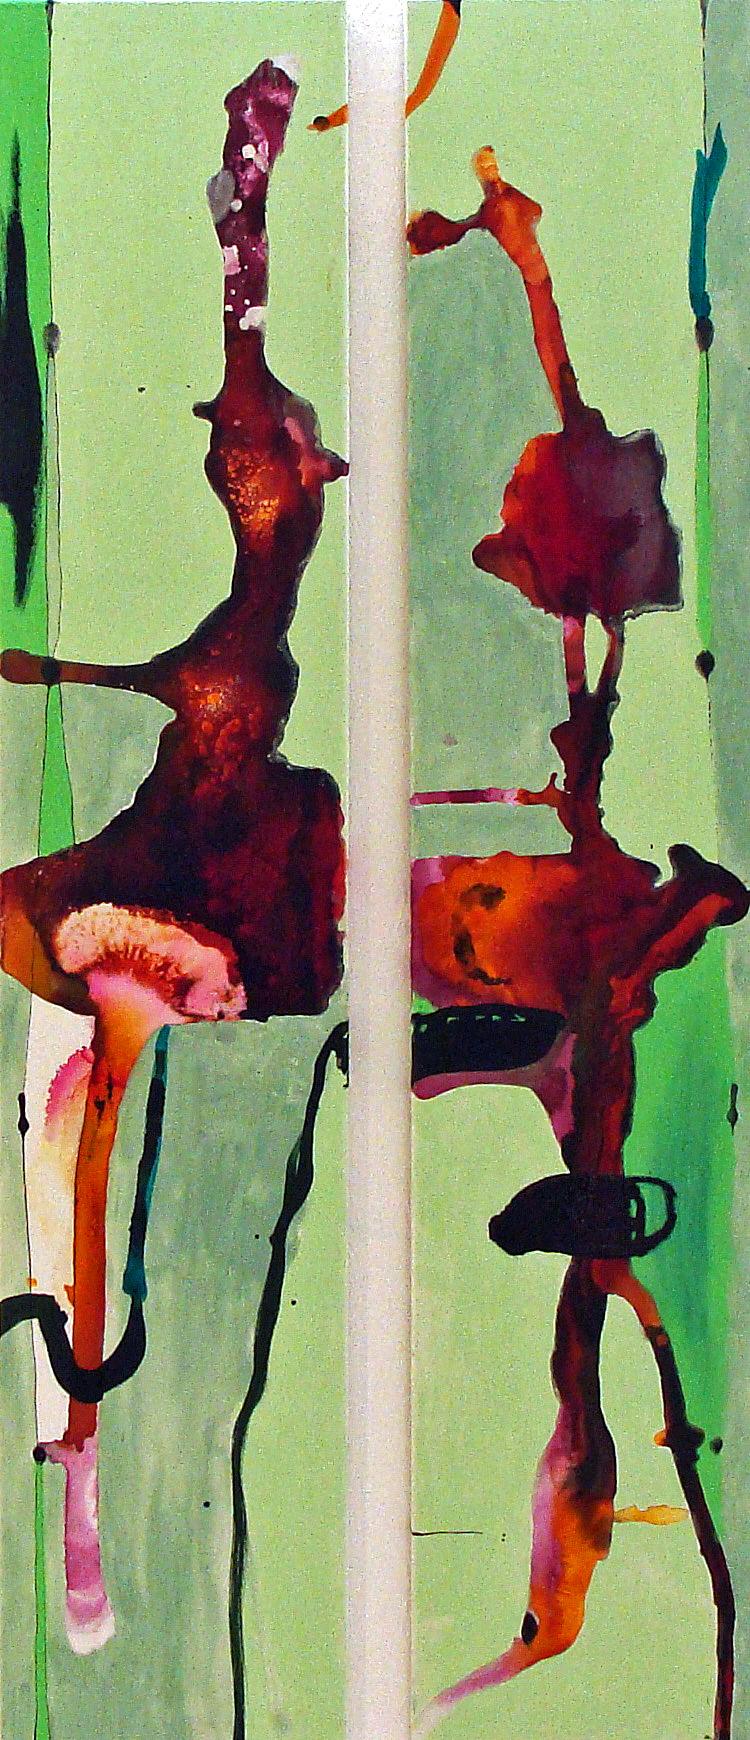 Zeichentusche, rot, grün, Pastell, abstrakt, Malerei, Diptychon, Hochkant, Großformat, sexuell, sinnlich, dynamisch, Vermählung, Liebesakt, erotisch, sanft, Kunstsammlung, Kunstsammler, Künstlerin, Hamburg, Bildverkauf